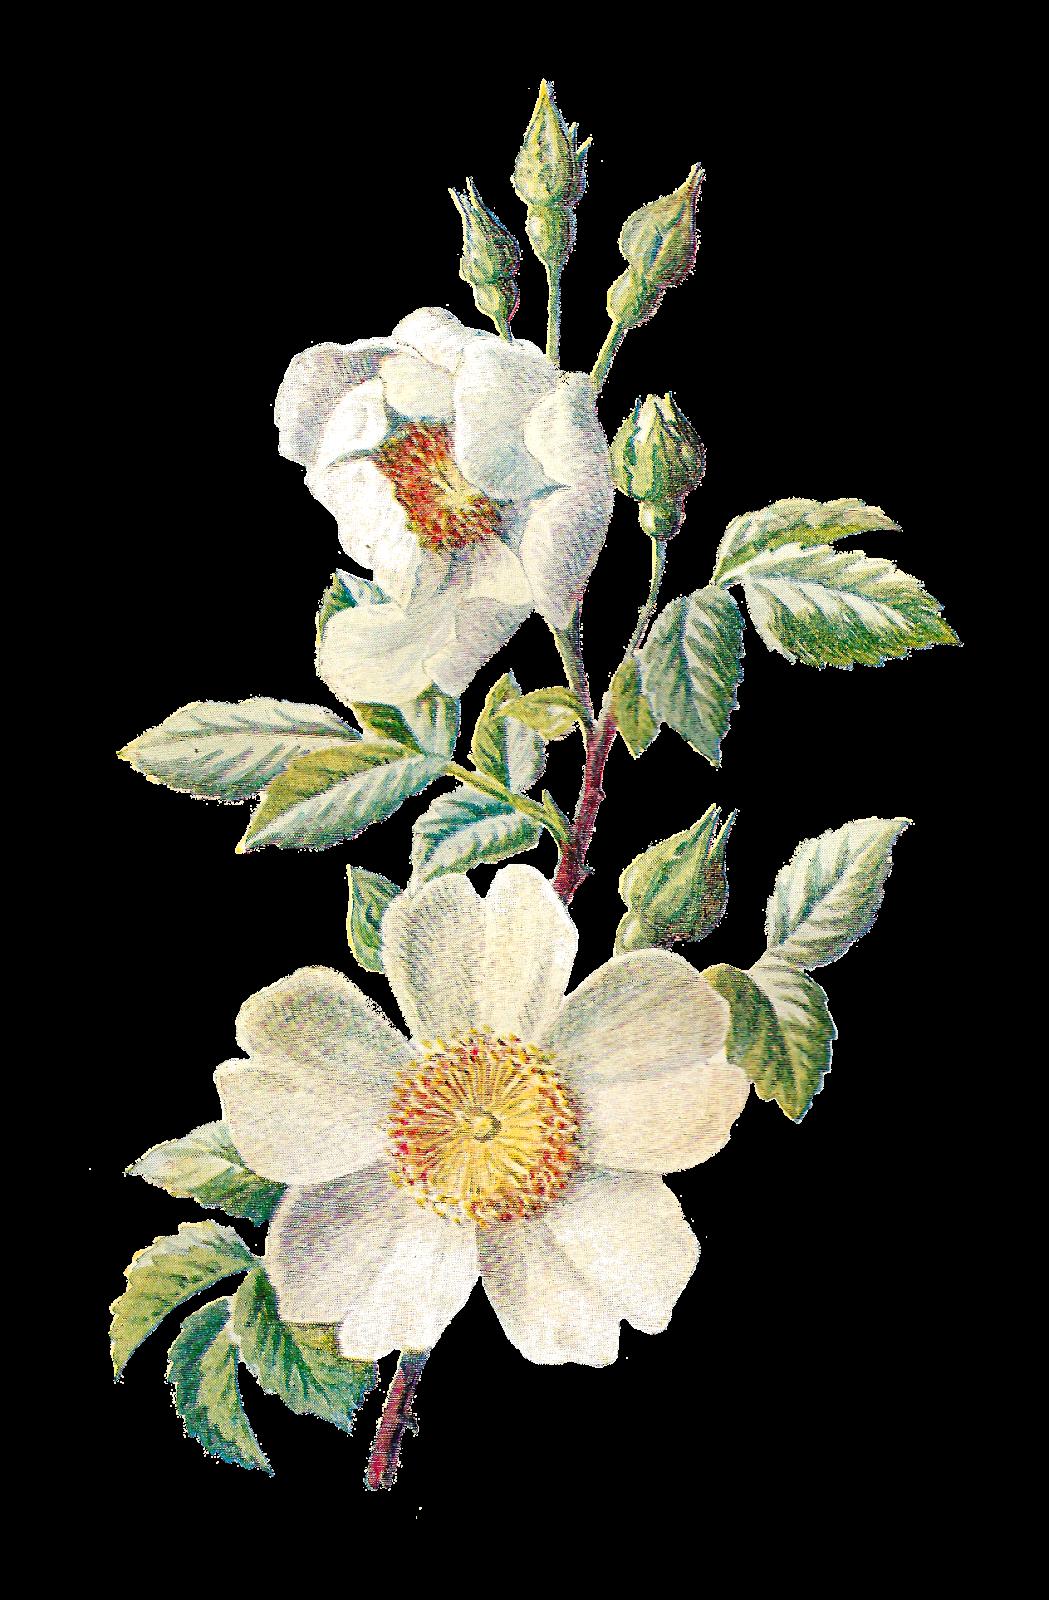 Antique Images: Stock Wildflower Botanical Digital Artwork Flower Illustration Downloads